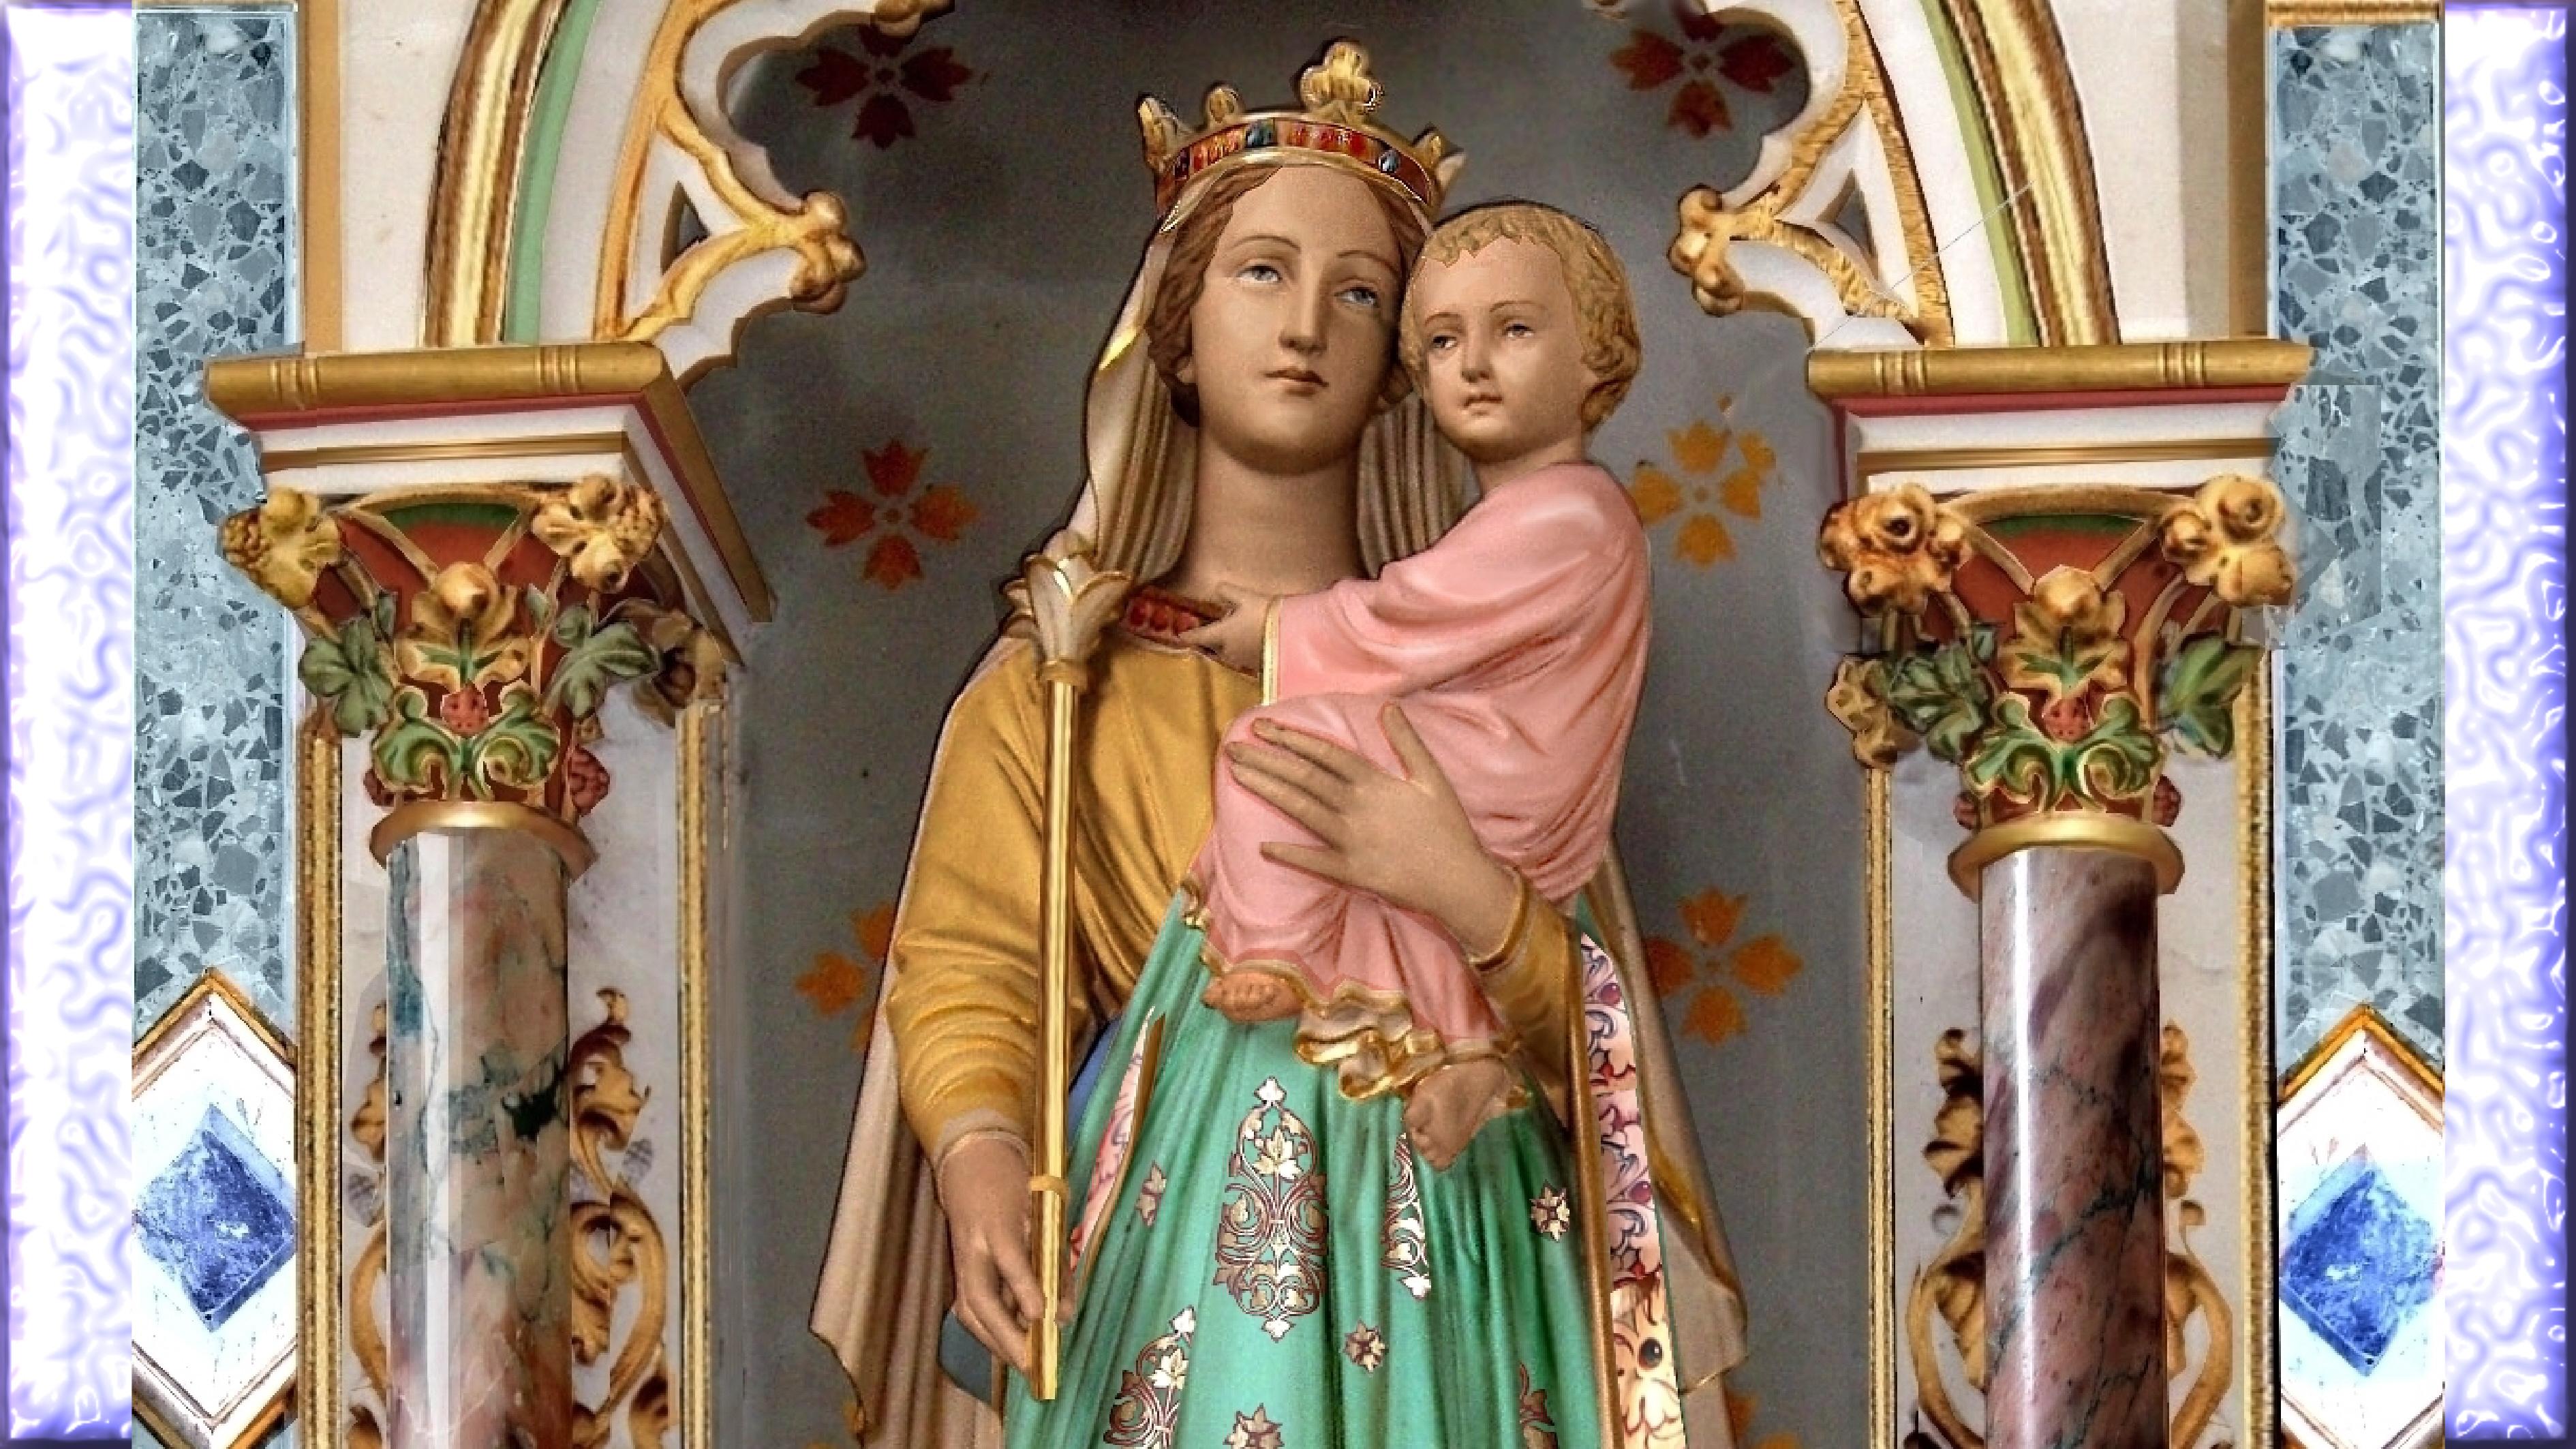 NEUVAINE à la TRÈS SAINTE VIERGE MARIE (Saint Alphonse de Liguori) Sainte-marie-reine-555d3a4